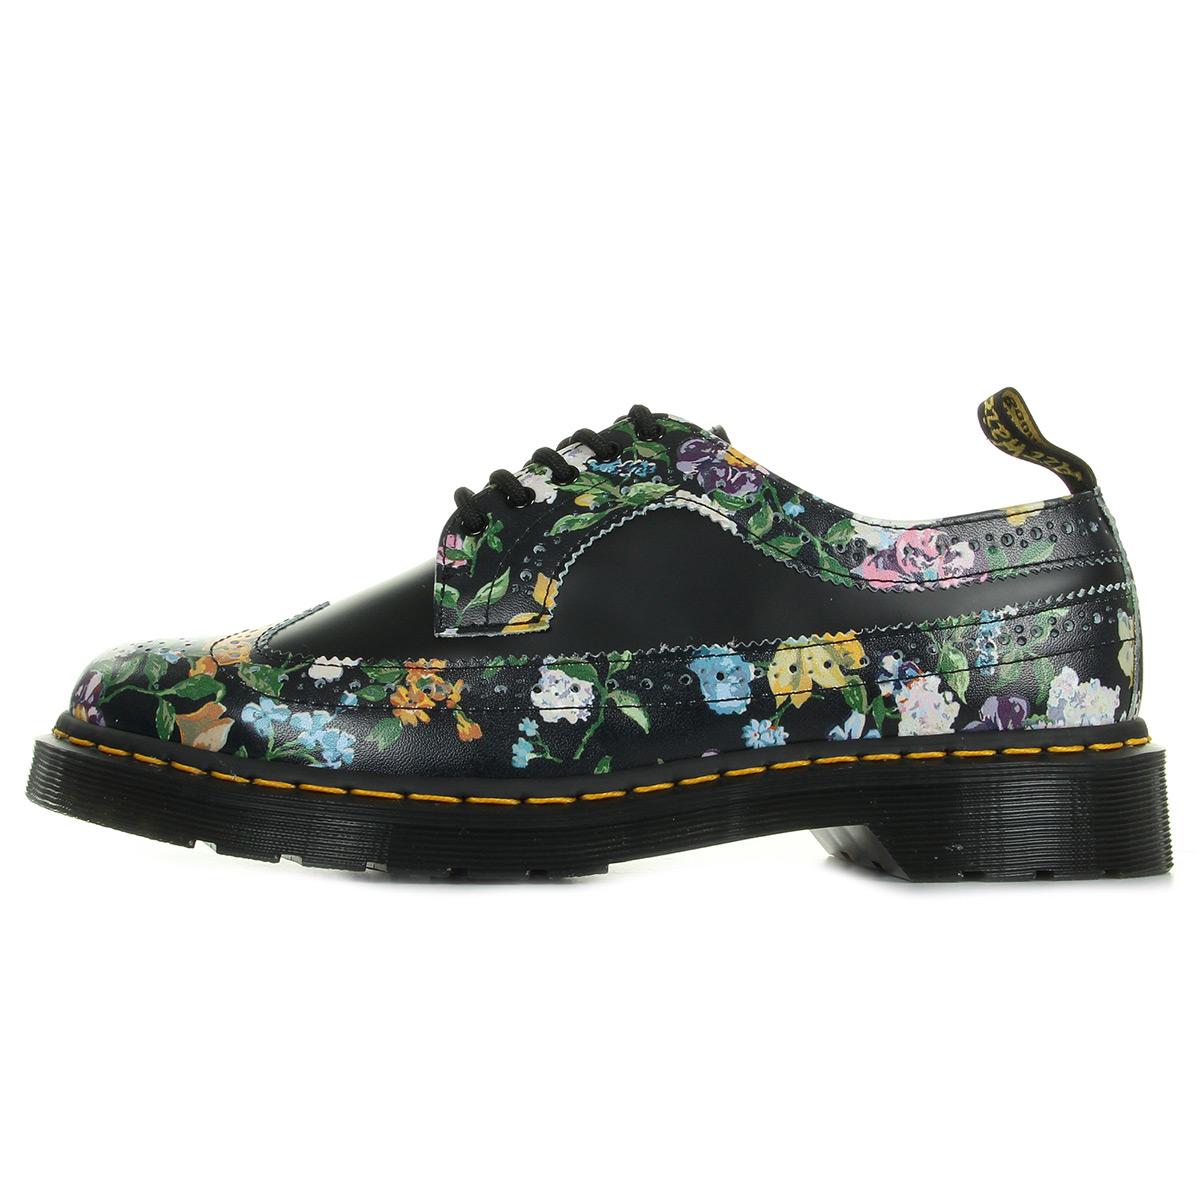 Dr. Martens Wingtip Shoe Black Darcy Floral eM8Wo